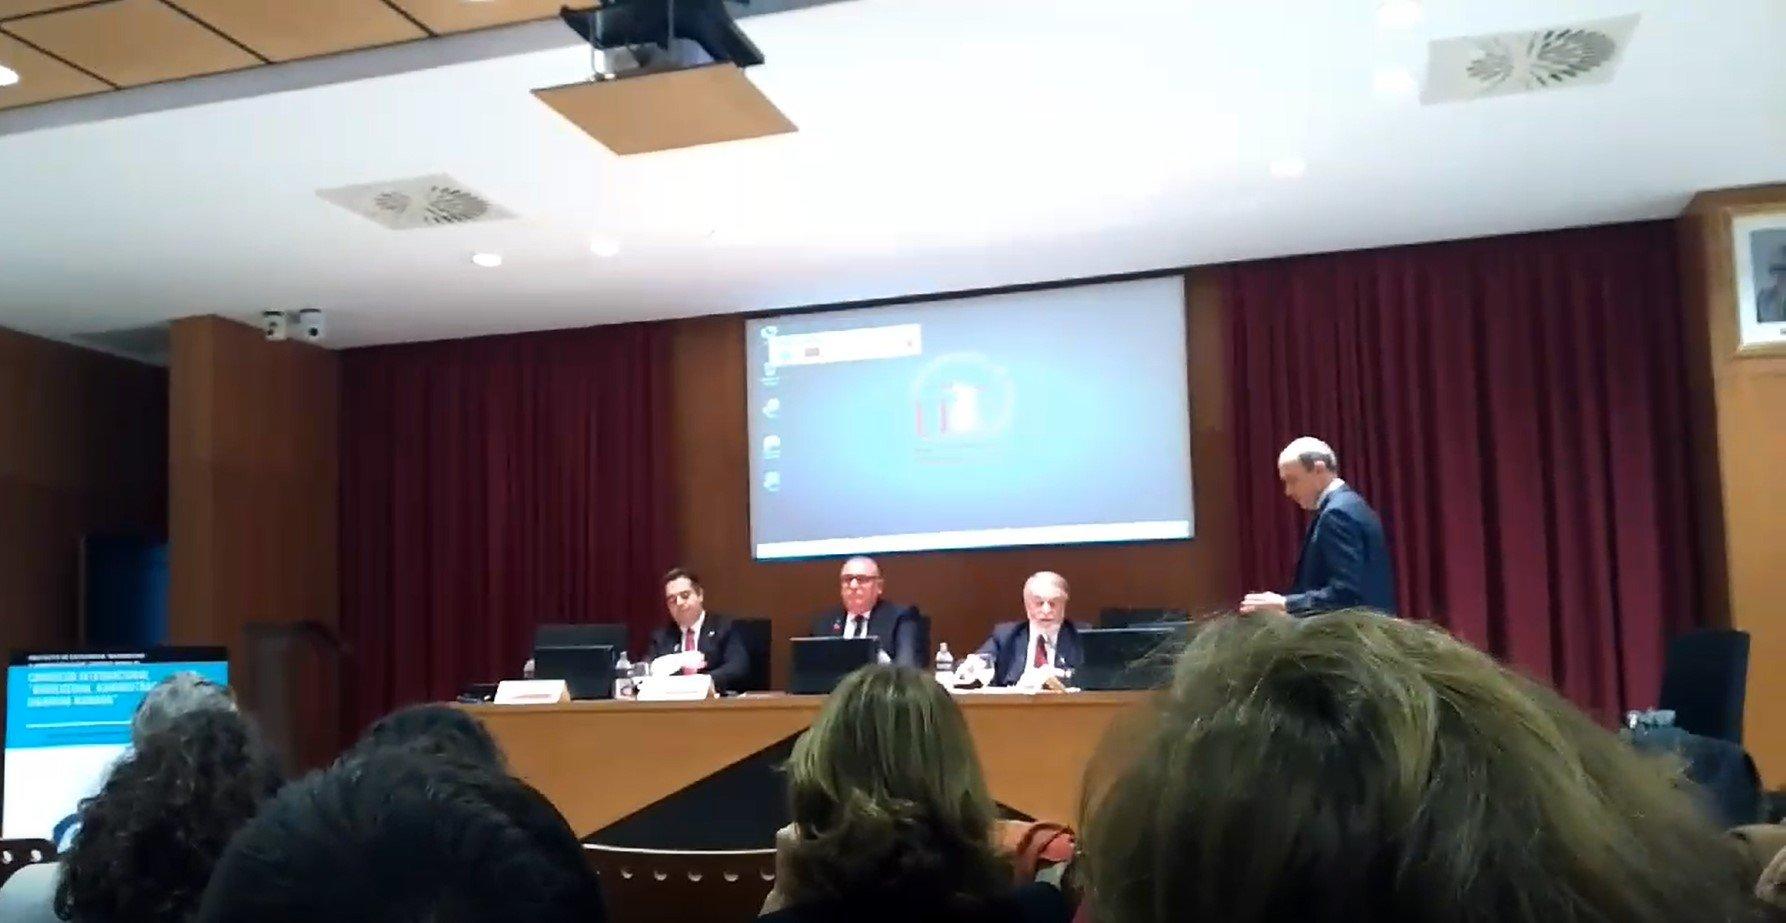 Insultos y blasfemias en la Universidad de Sevilla contra el diputado de Vox, Francisco José Contreras, y el ex ministro y fundador de One of Us, Jaime Mayor Oreja